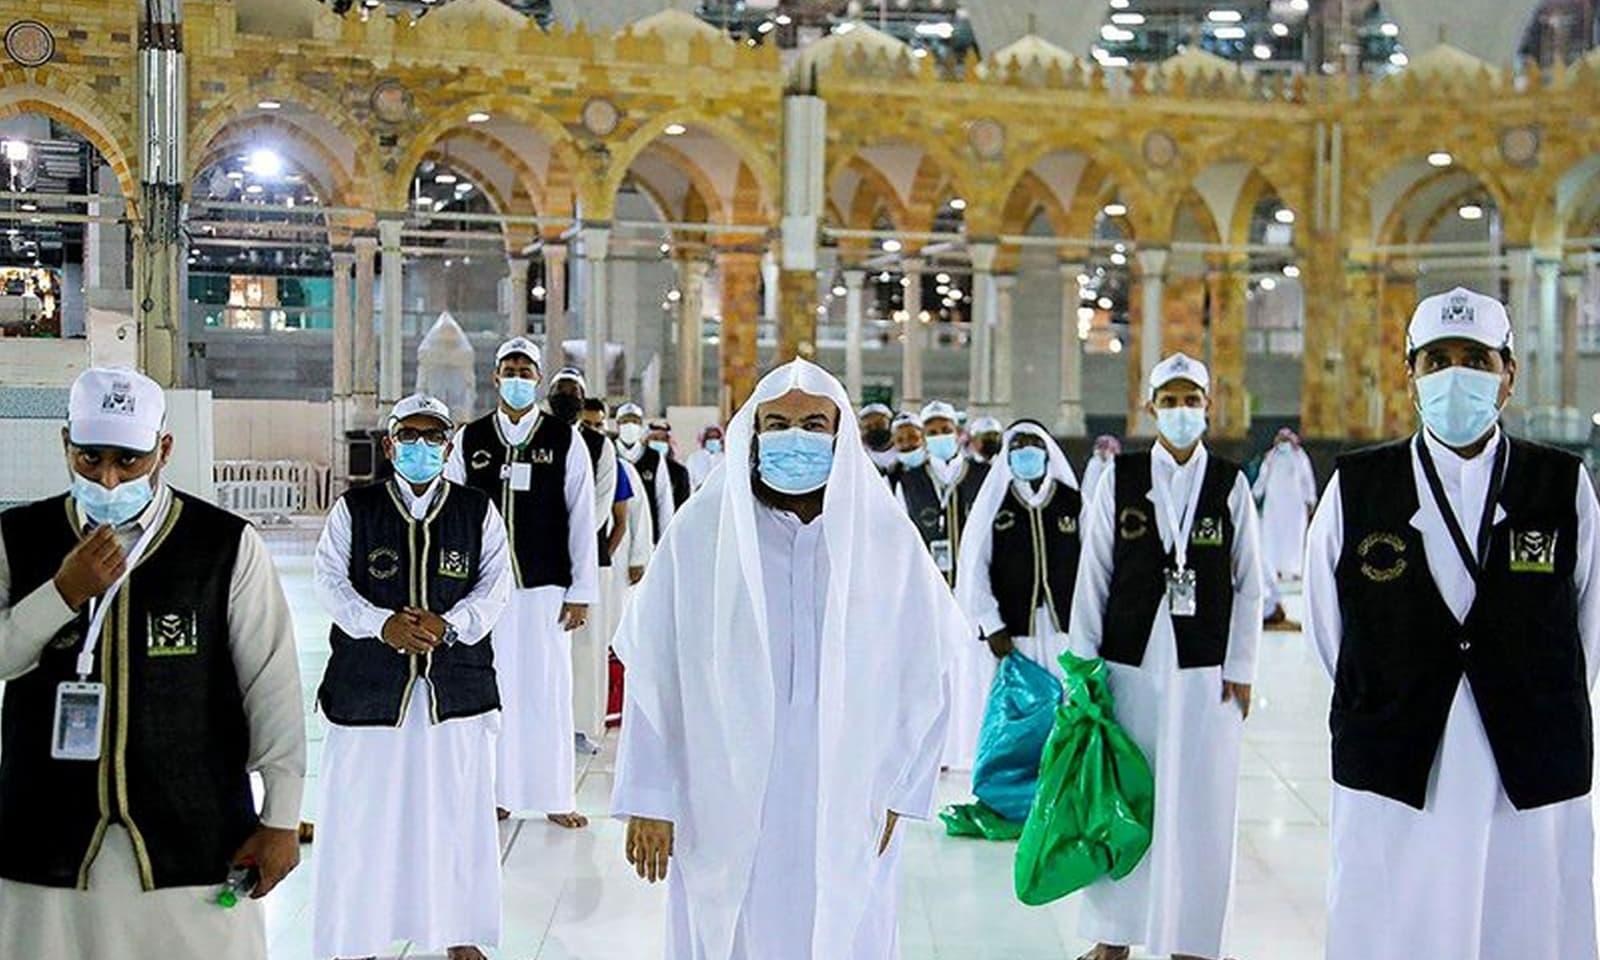 غلاف کعبہ کی تیاری پر کام کرنے والے سعودی حکام  نے بھی احتیاطی تدابیر اپنائی ہیں — فوٹو:رائٹرز